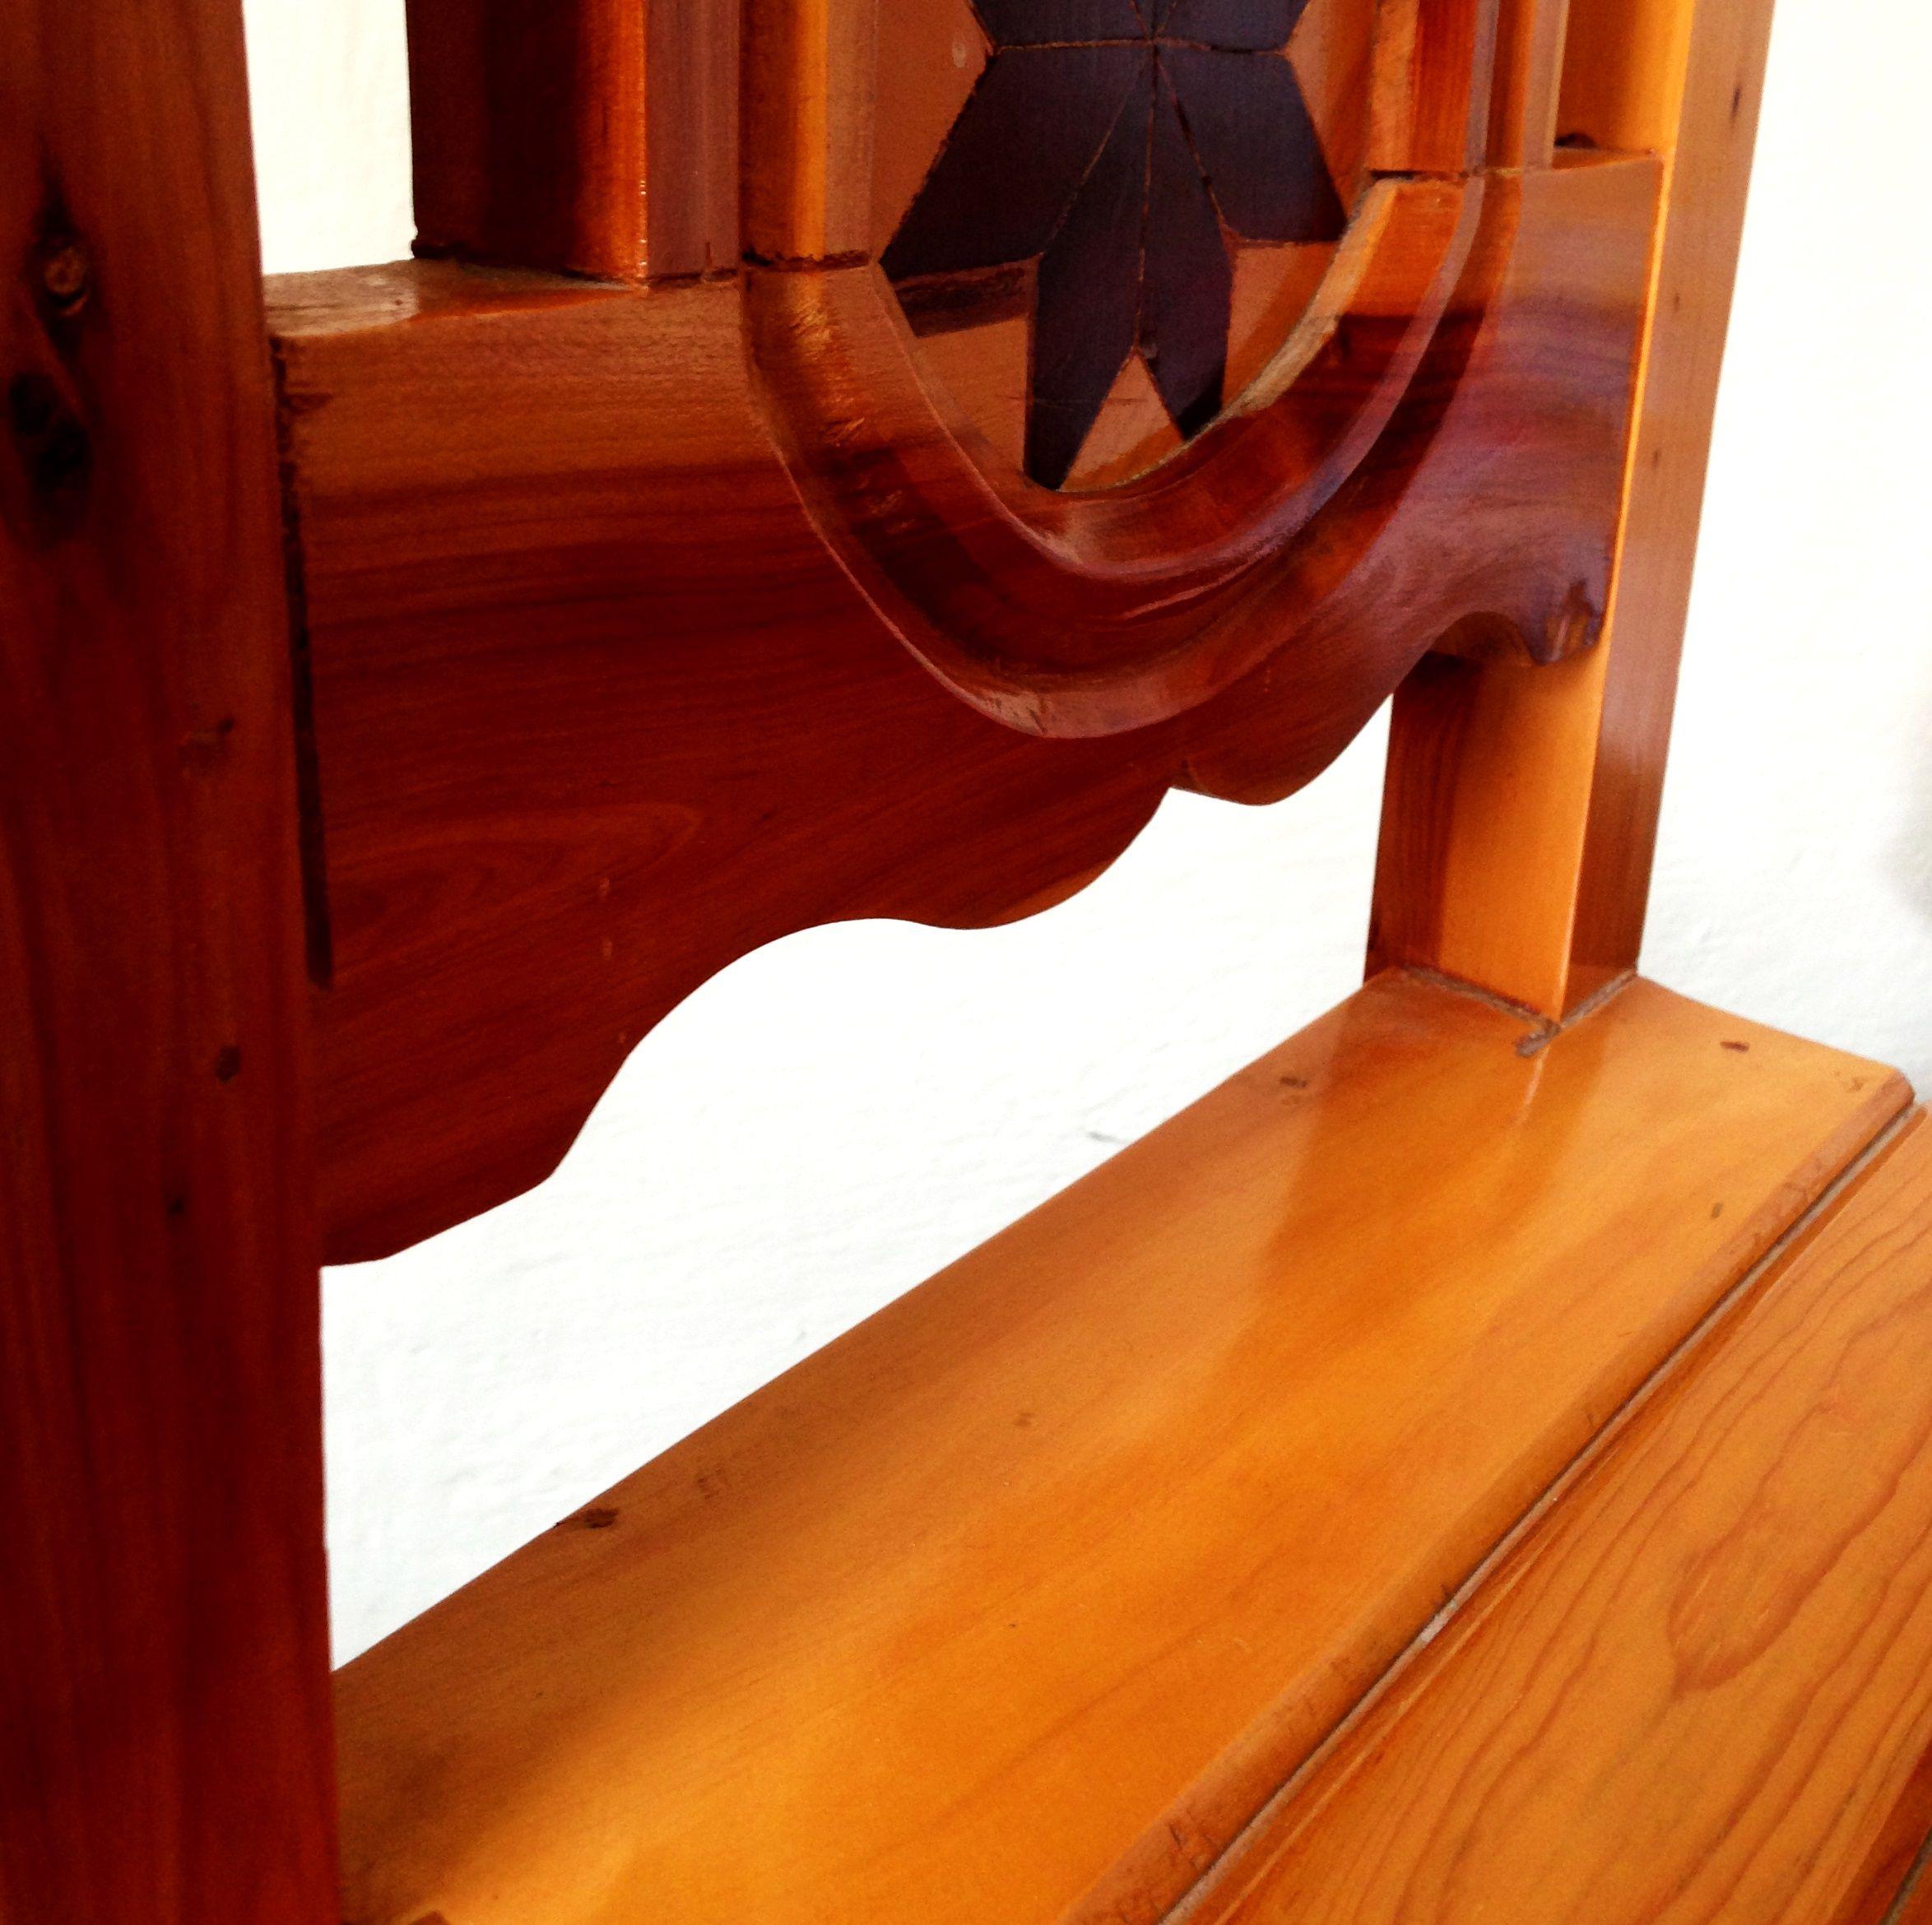 Tipos de madera para muebles y construcci n - Tipos de barnices para madera ...